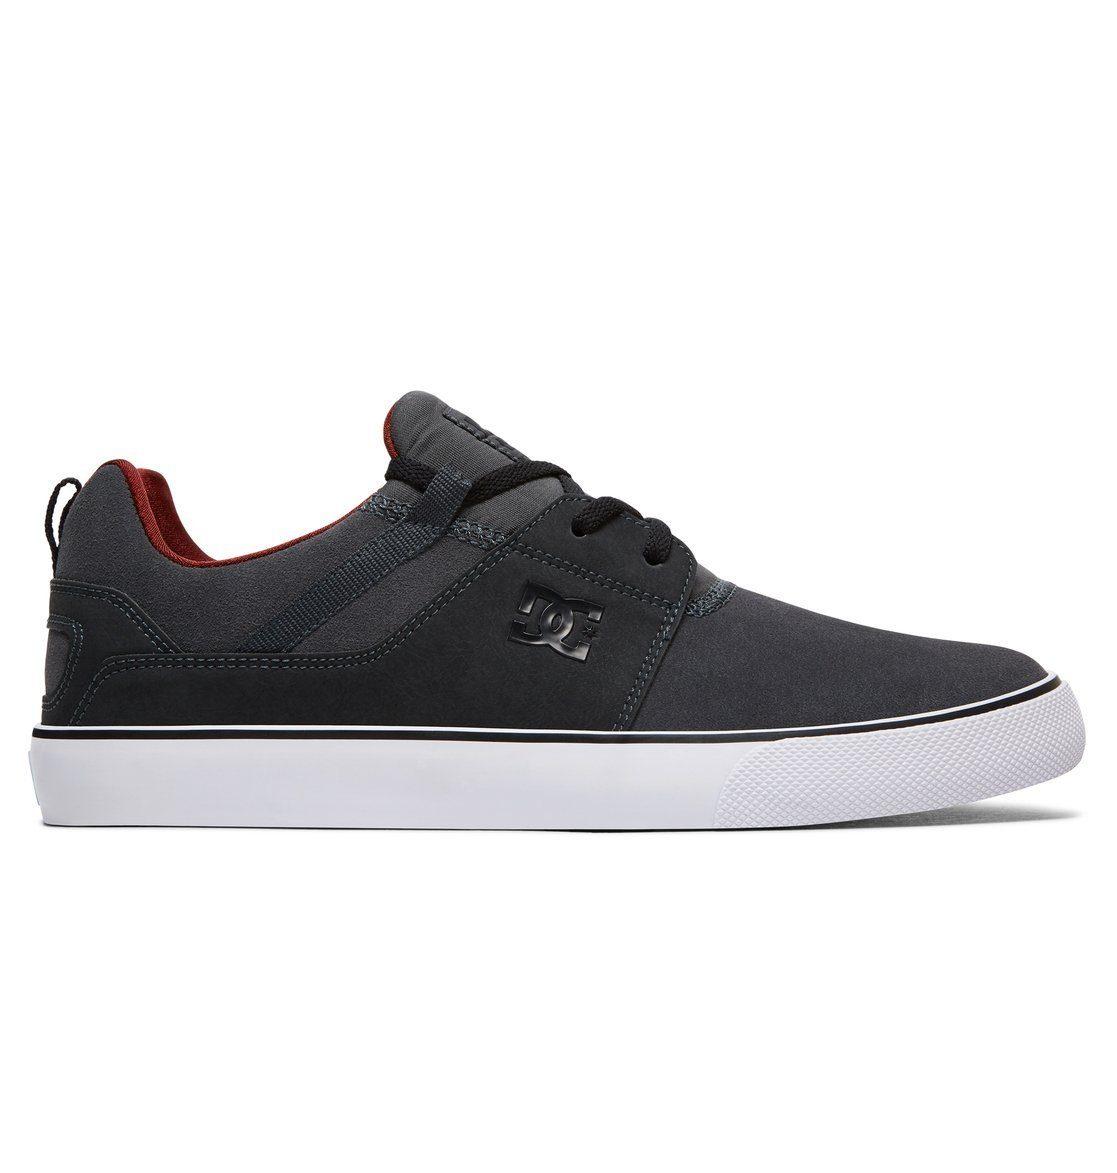 DC Shoes Schuhe Heathrow Vulc SE online kaufen  Dark shadow